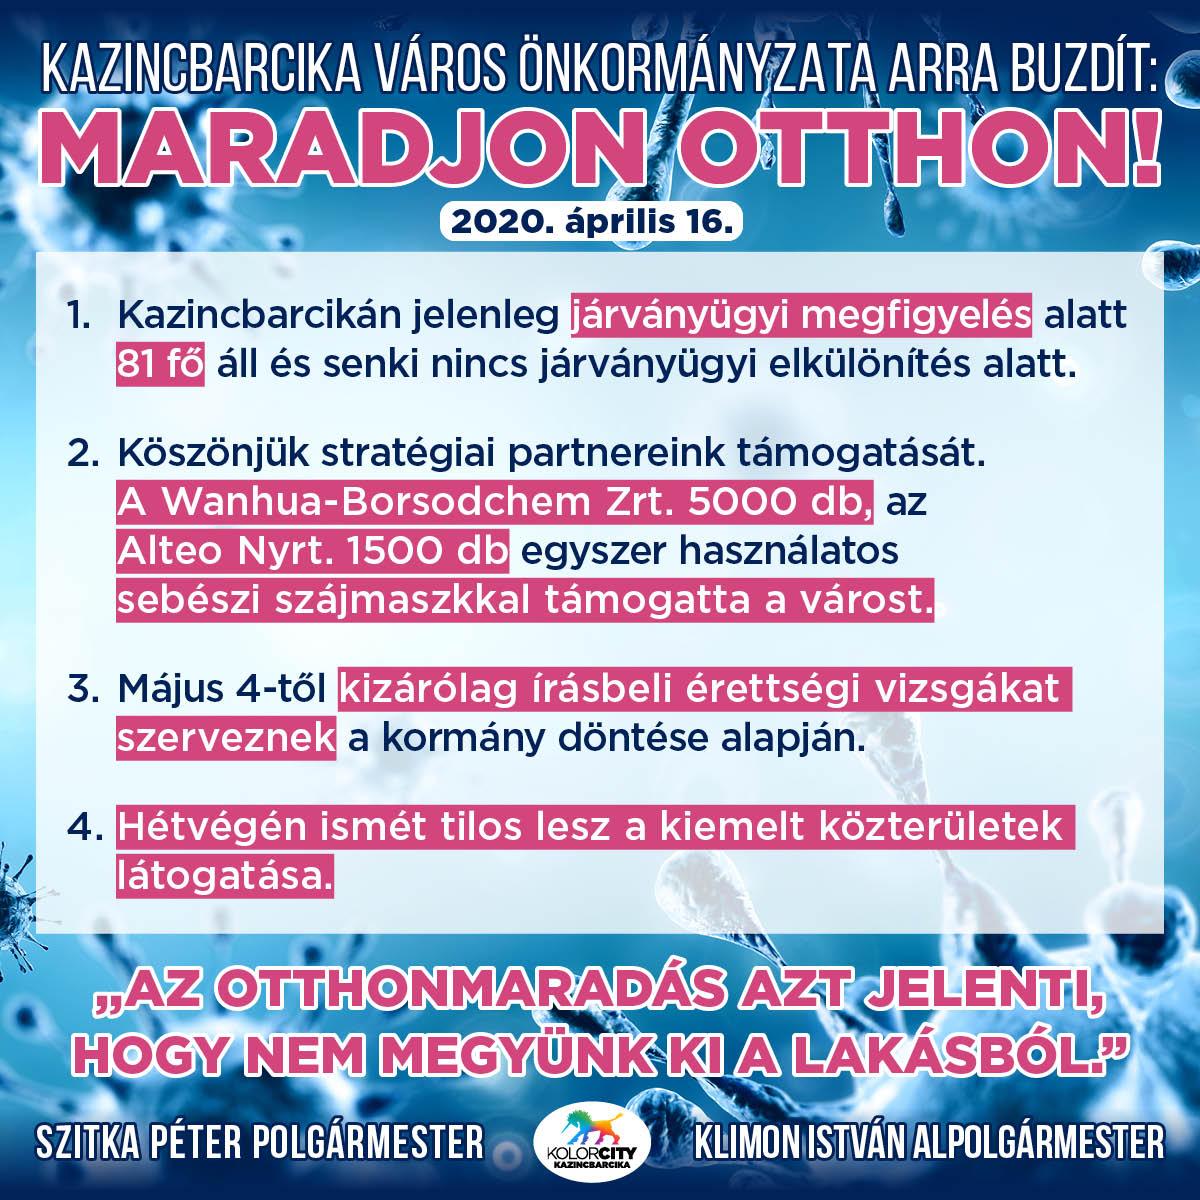 https://kolorline.hu/Kazincbarcika Város Önkormányzata arra buzdít: Maradj otthon! – 2020. április 16.